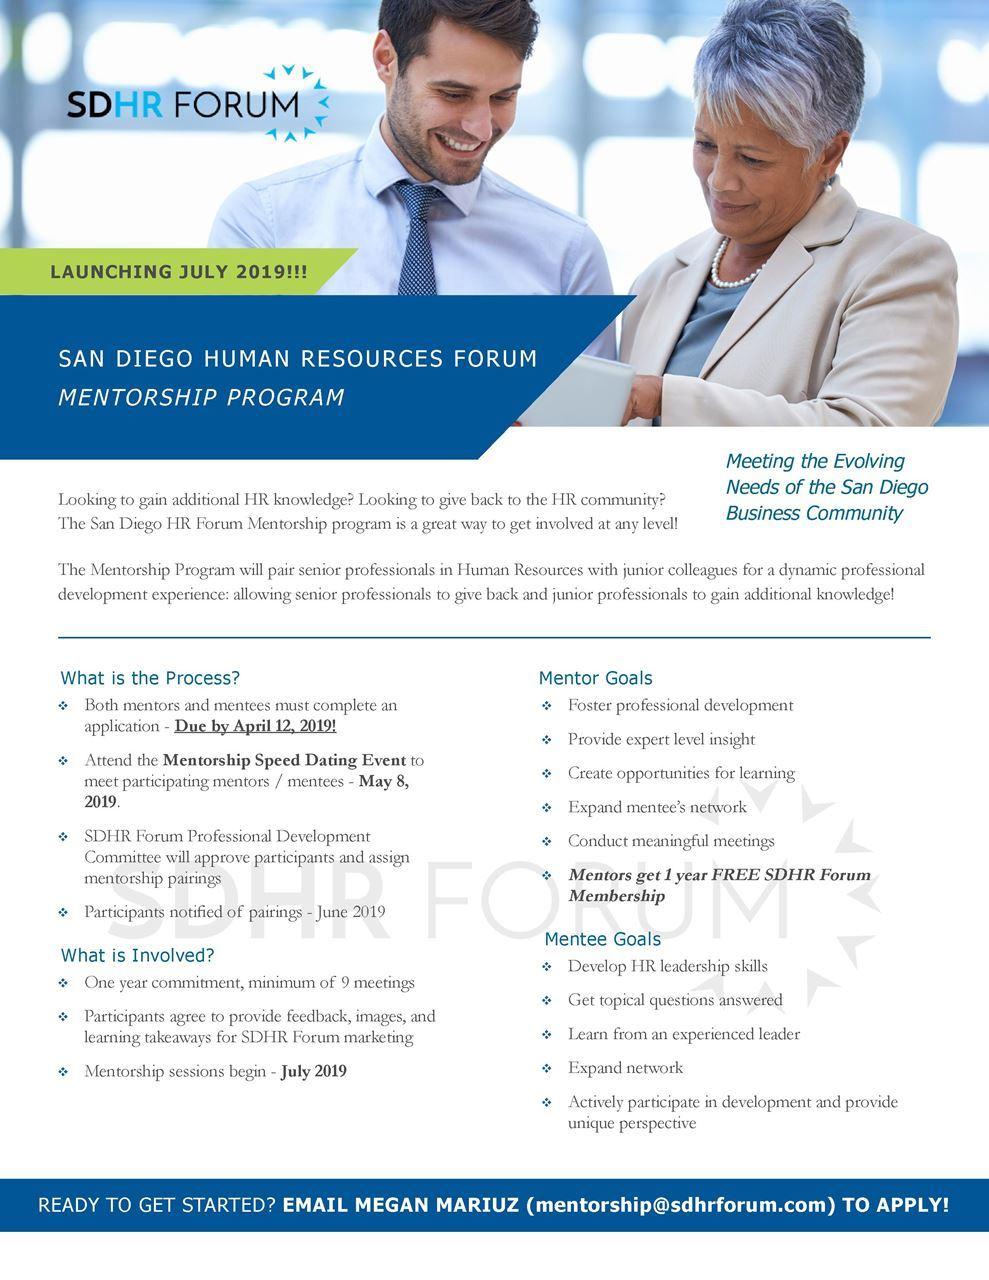 San Diego HR Forum - Mentorship